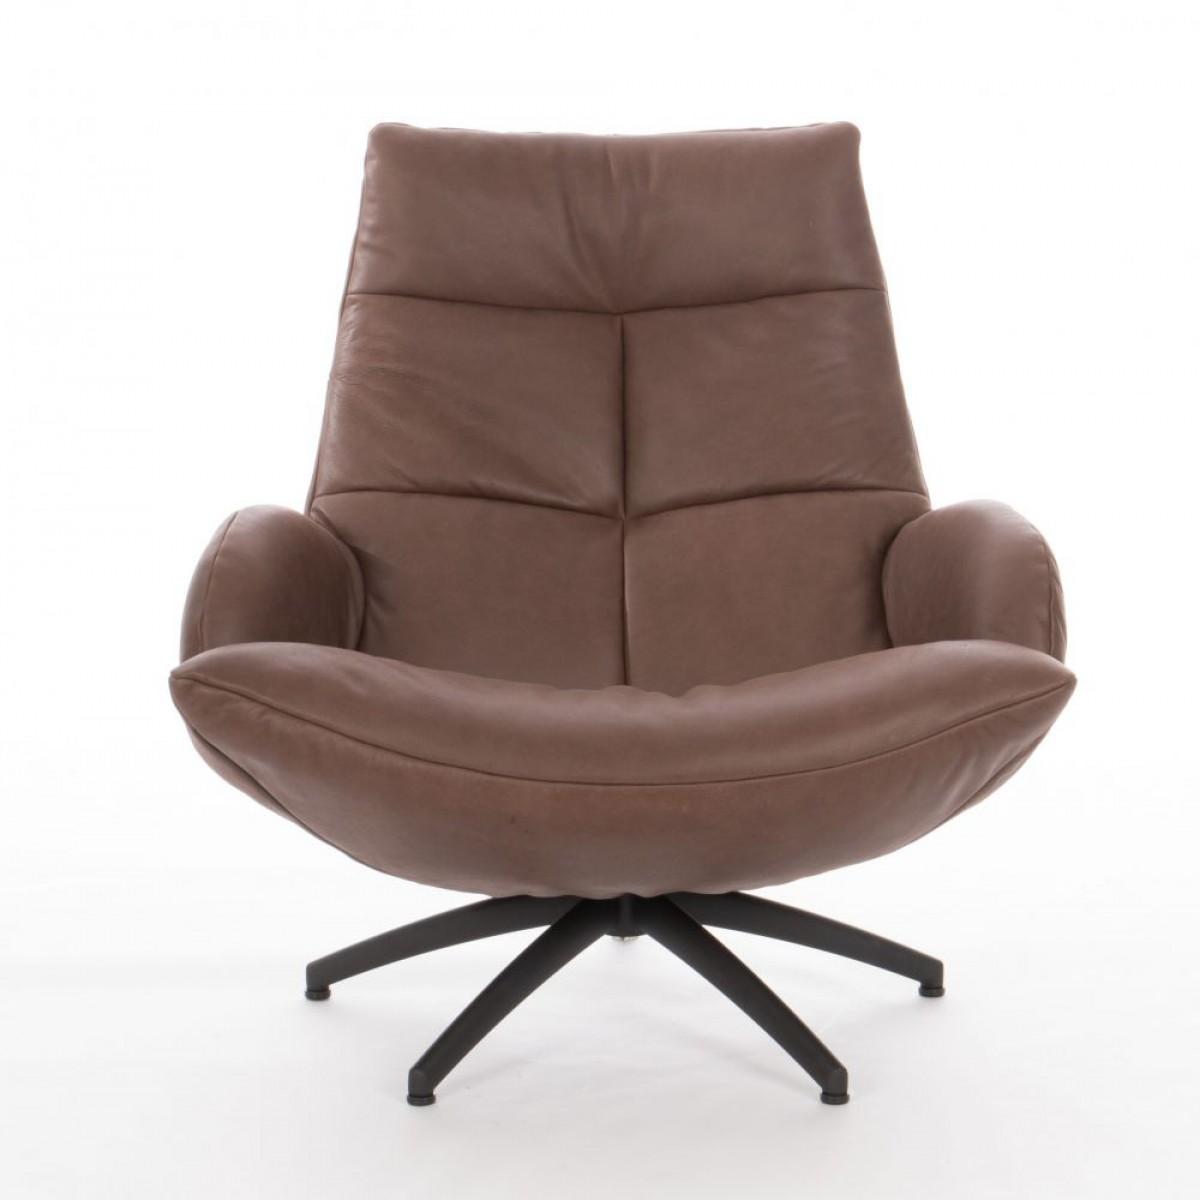 Fauteuil Leer Design.Reflex Fauteuil Met Armleuning